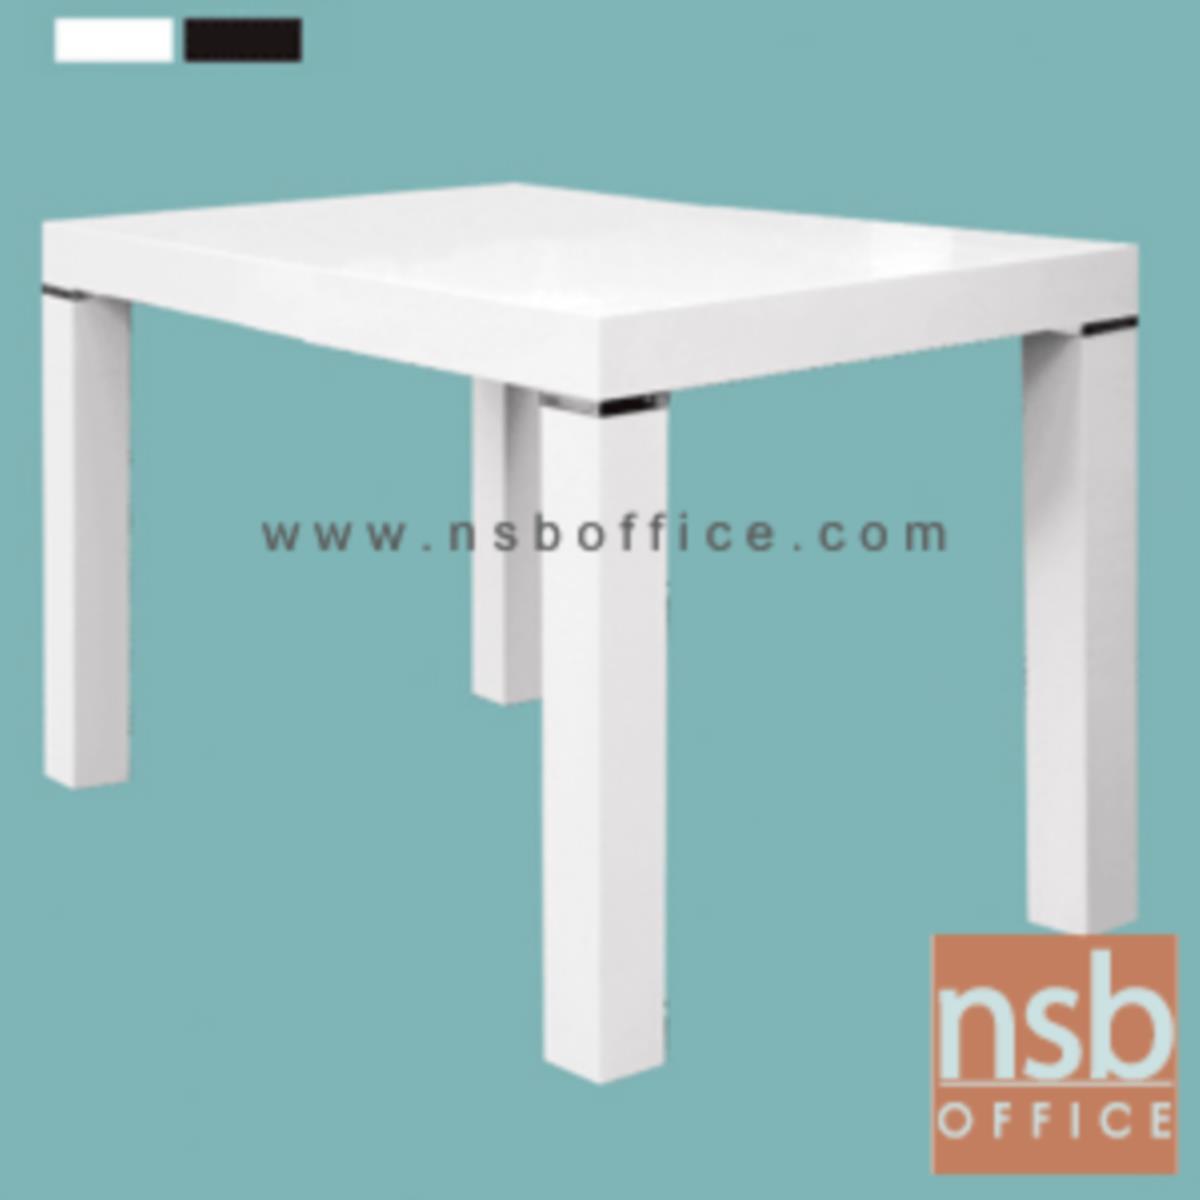 โต๊ะหน้าพลาสติก รุ่น PP94056  ขนาด 120W ,150W ,180W cm.  ขาพลาสติก